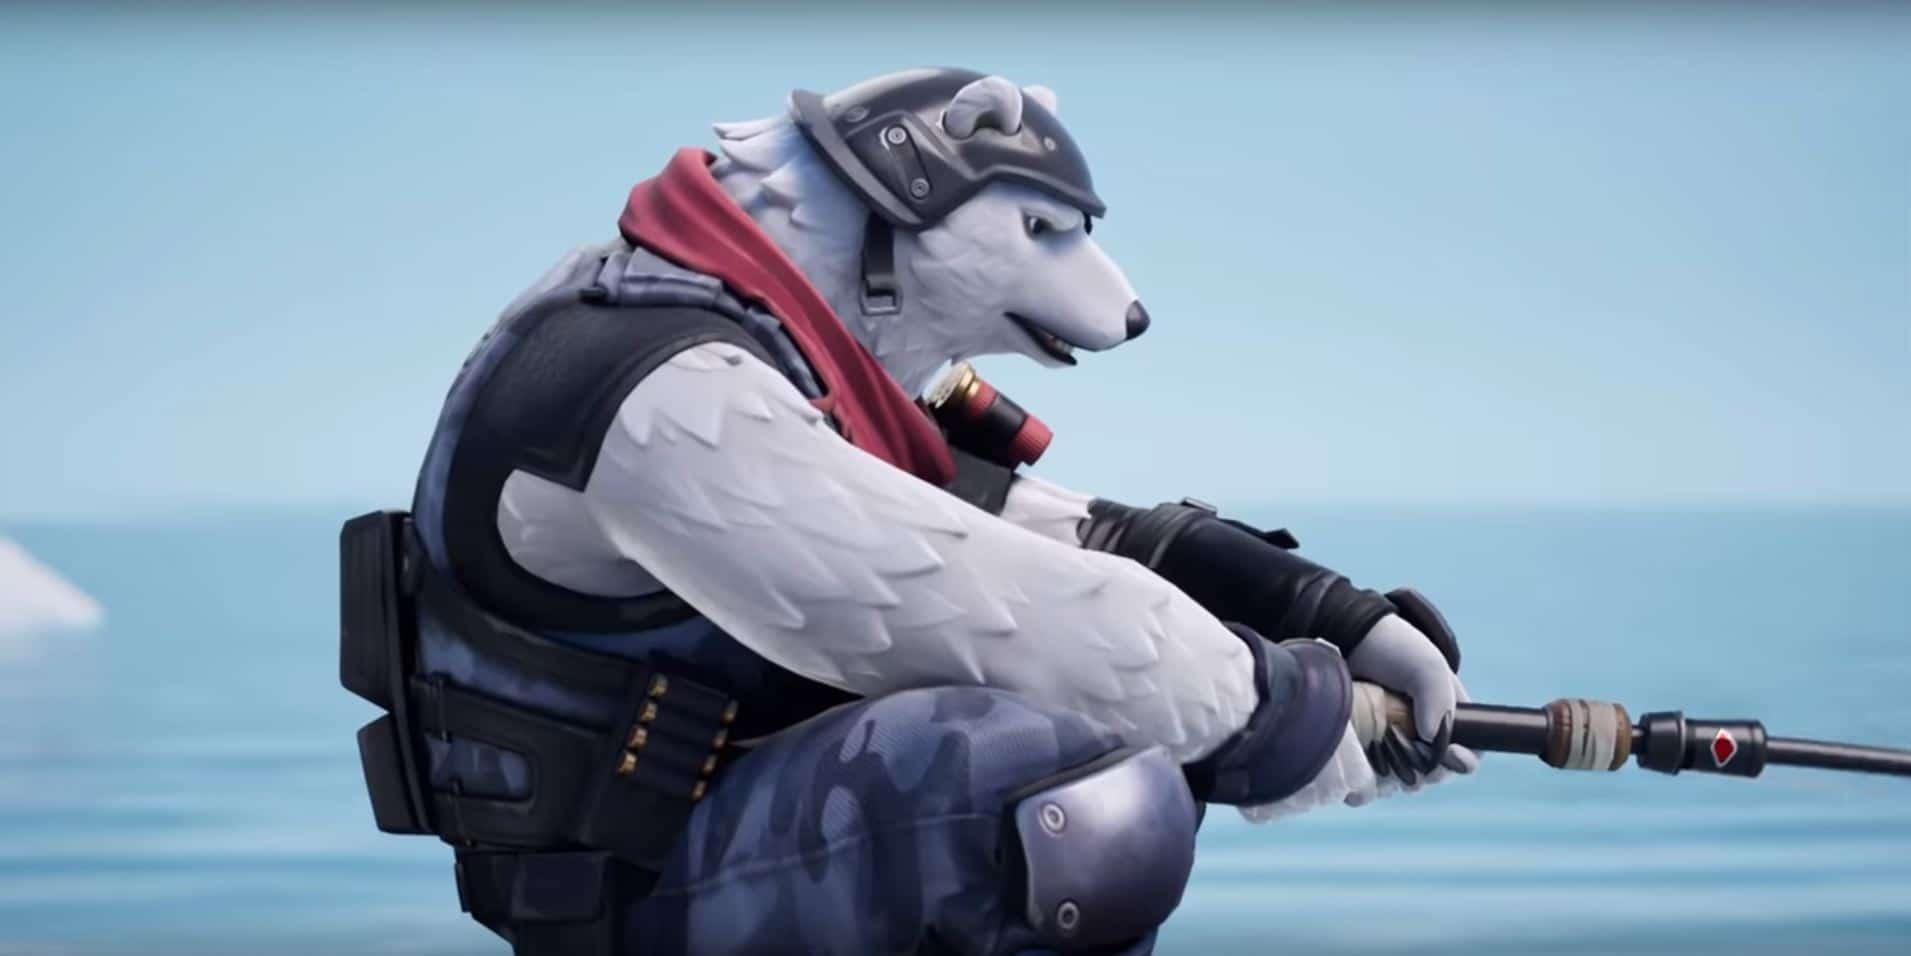 Polar Patroller Fortnite Skin